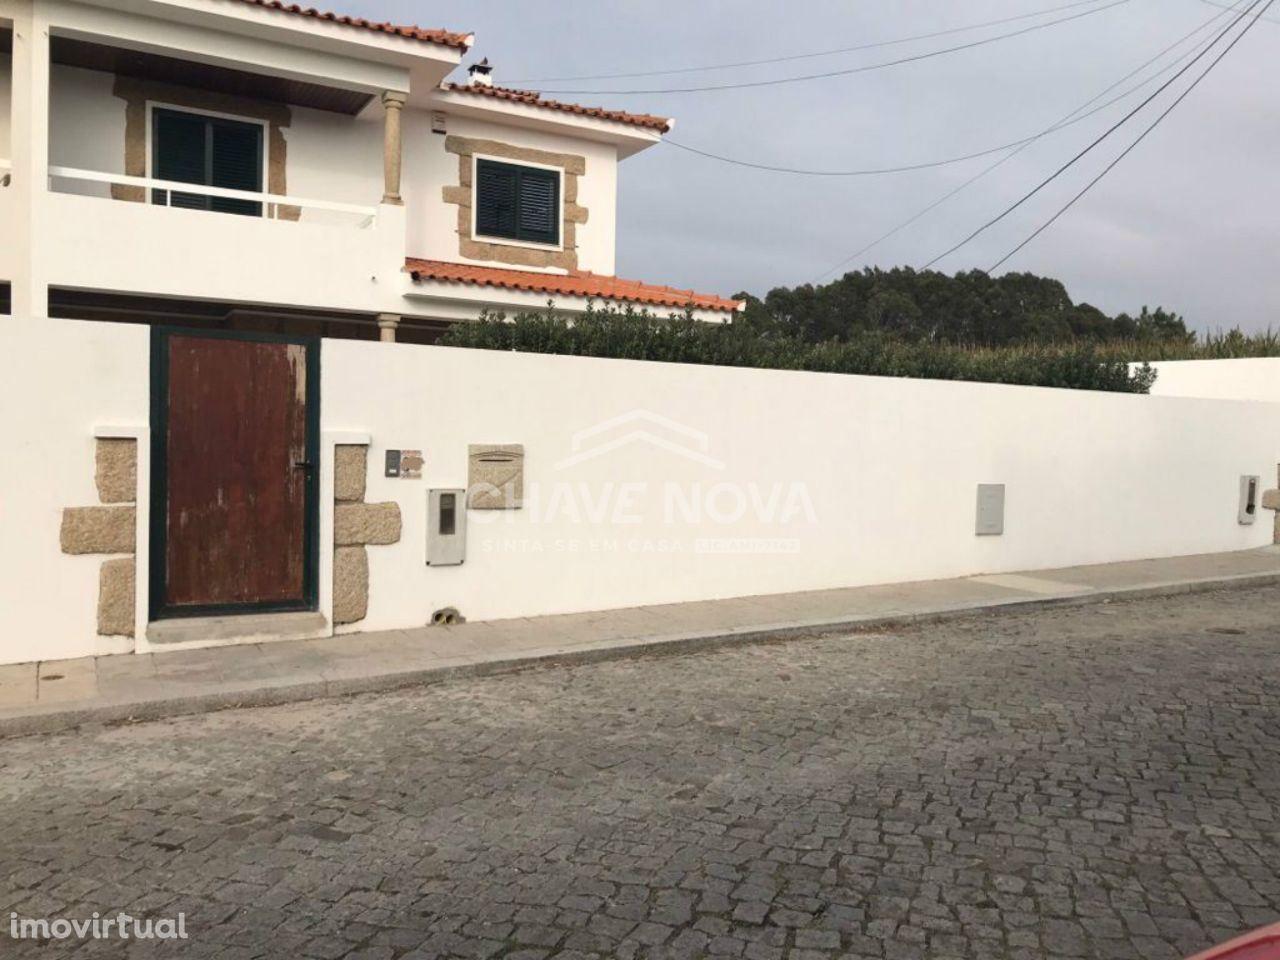 Moradia V4 nova de 3 frentes a 350mt da praia Vila Chã, Vila do Conde